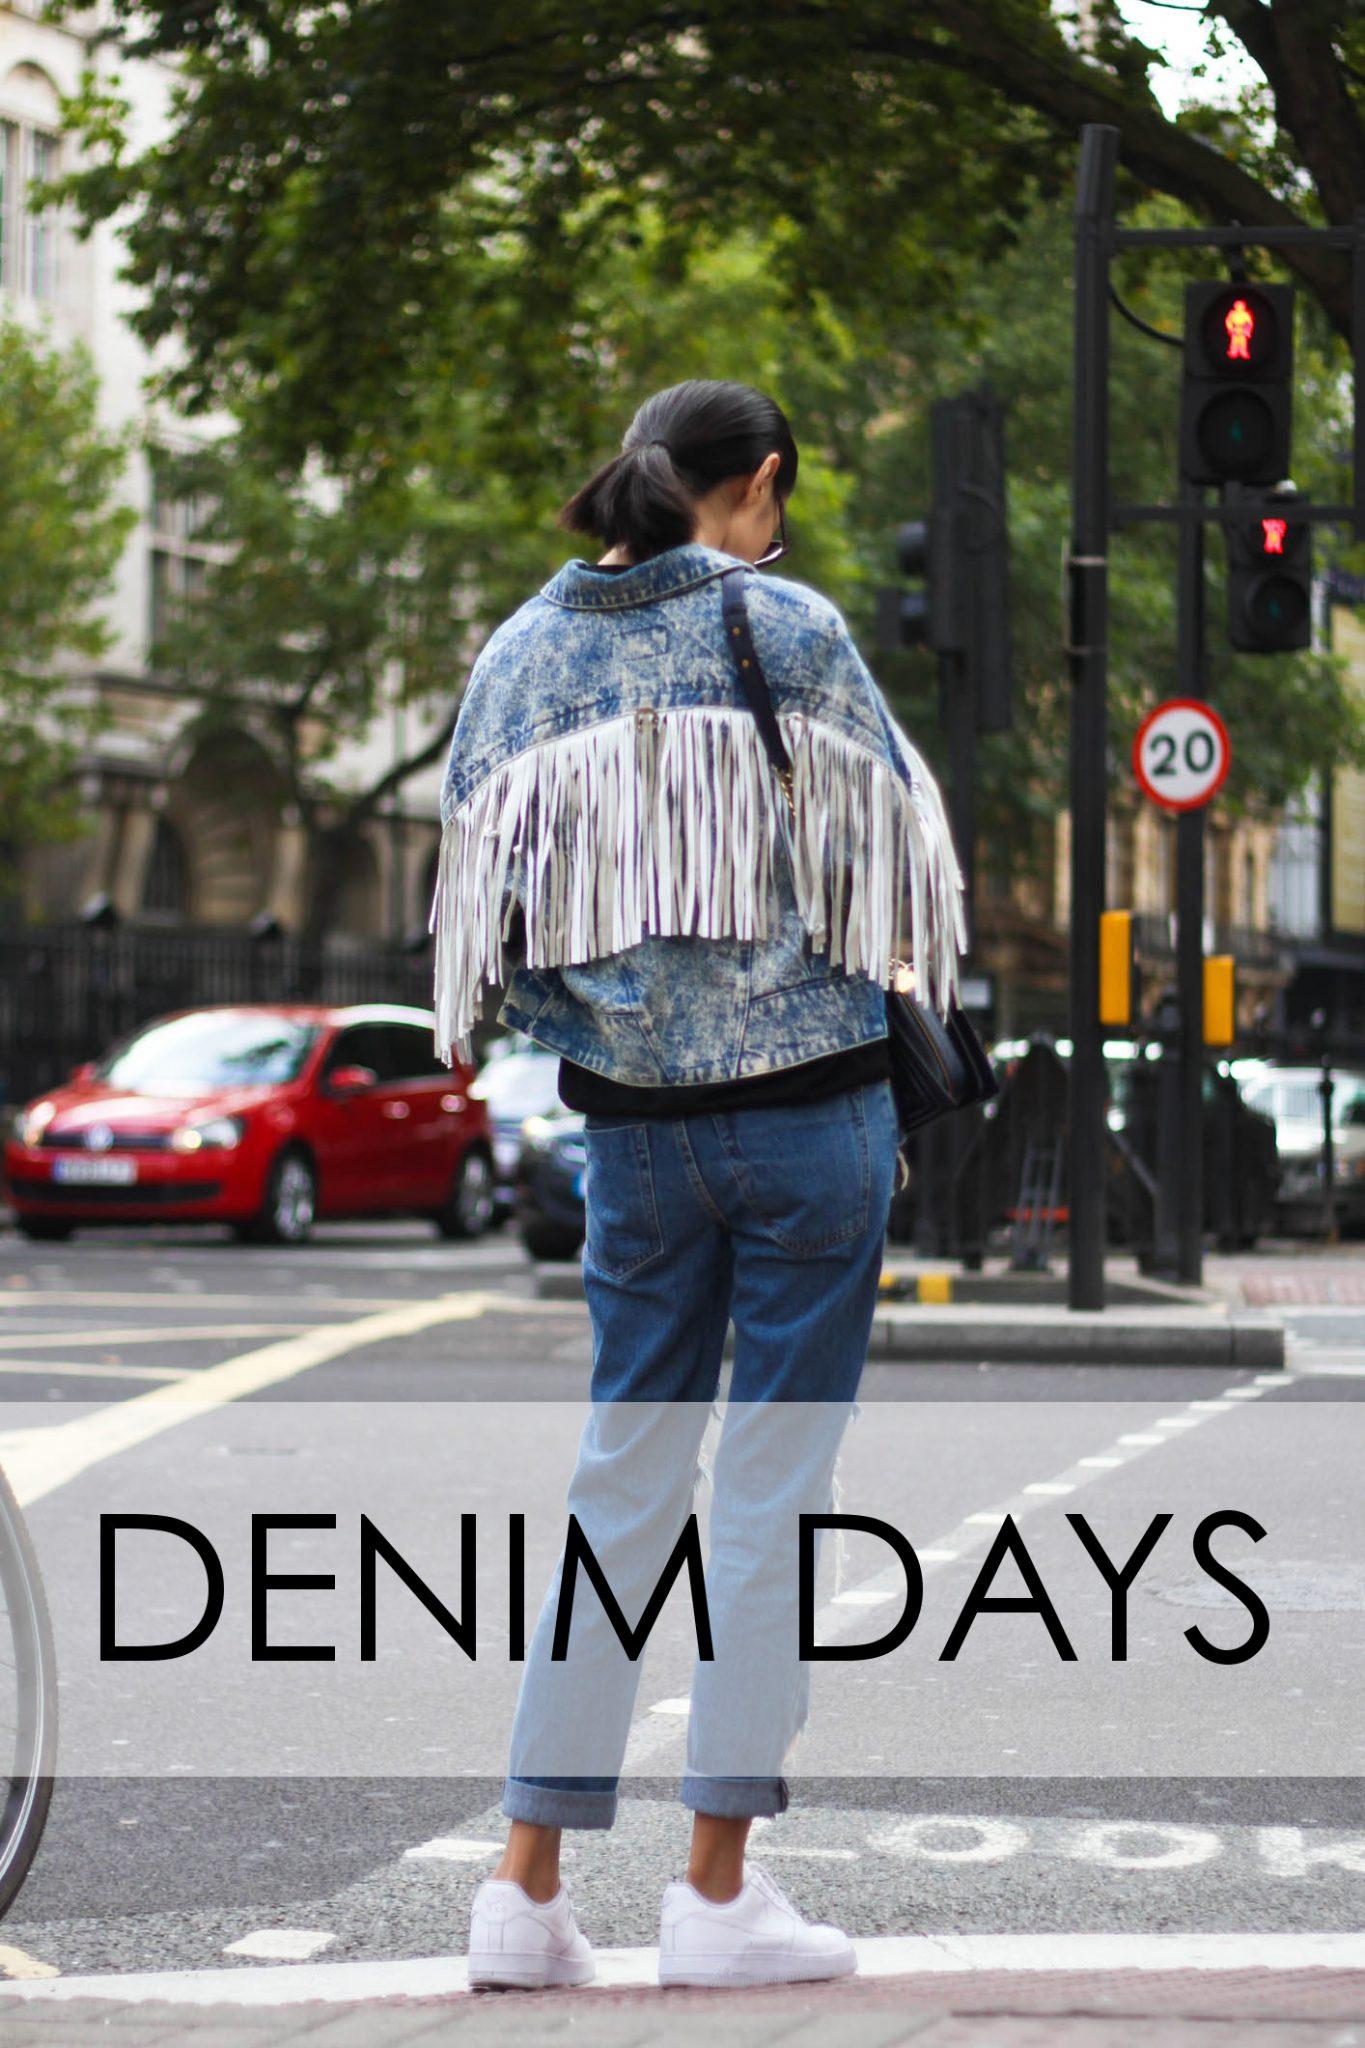 denim days slide first